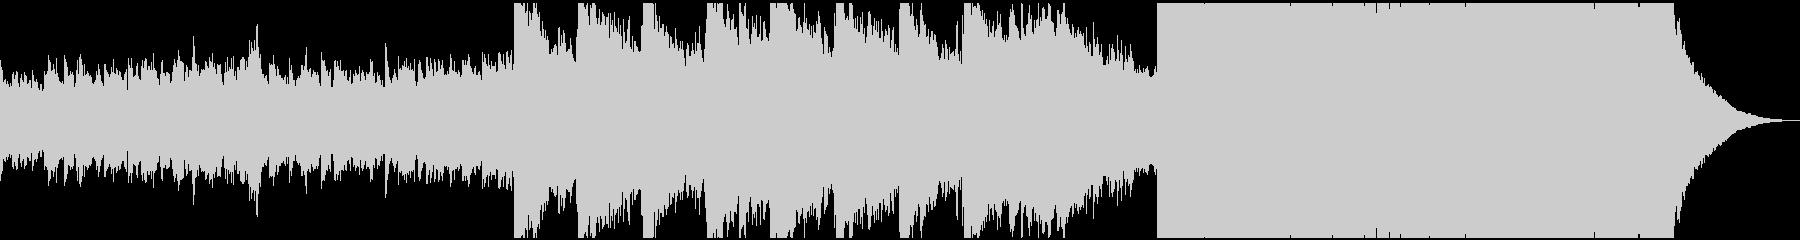 Ambient Rockの未再生の波形